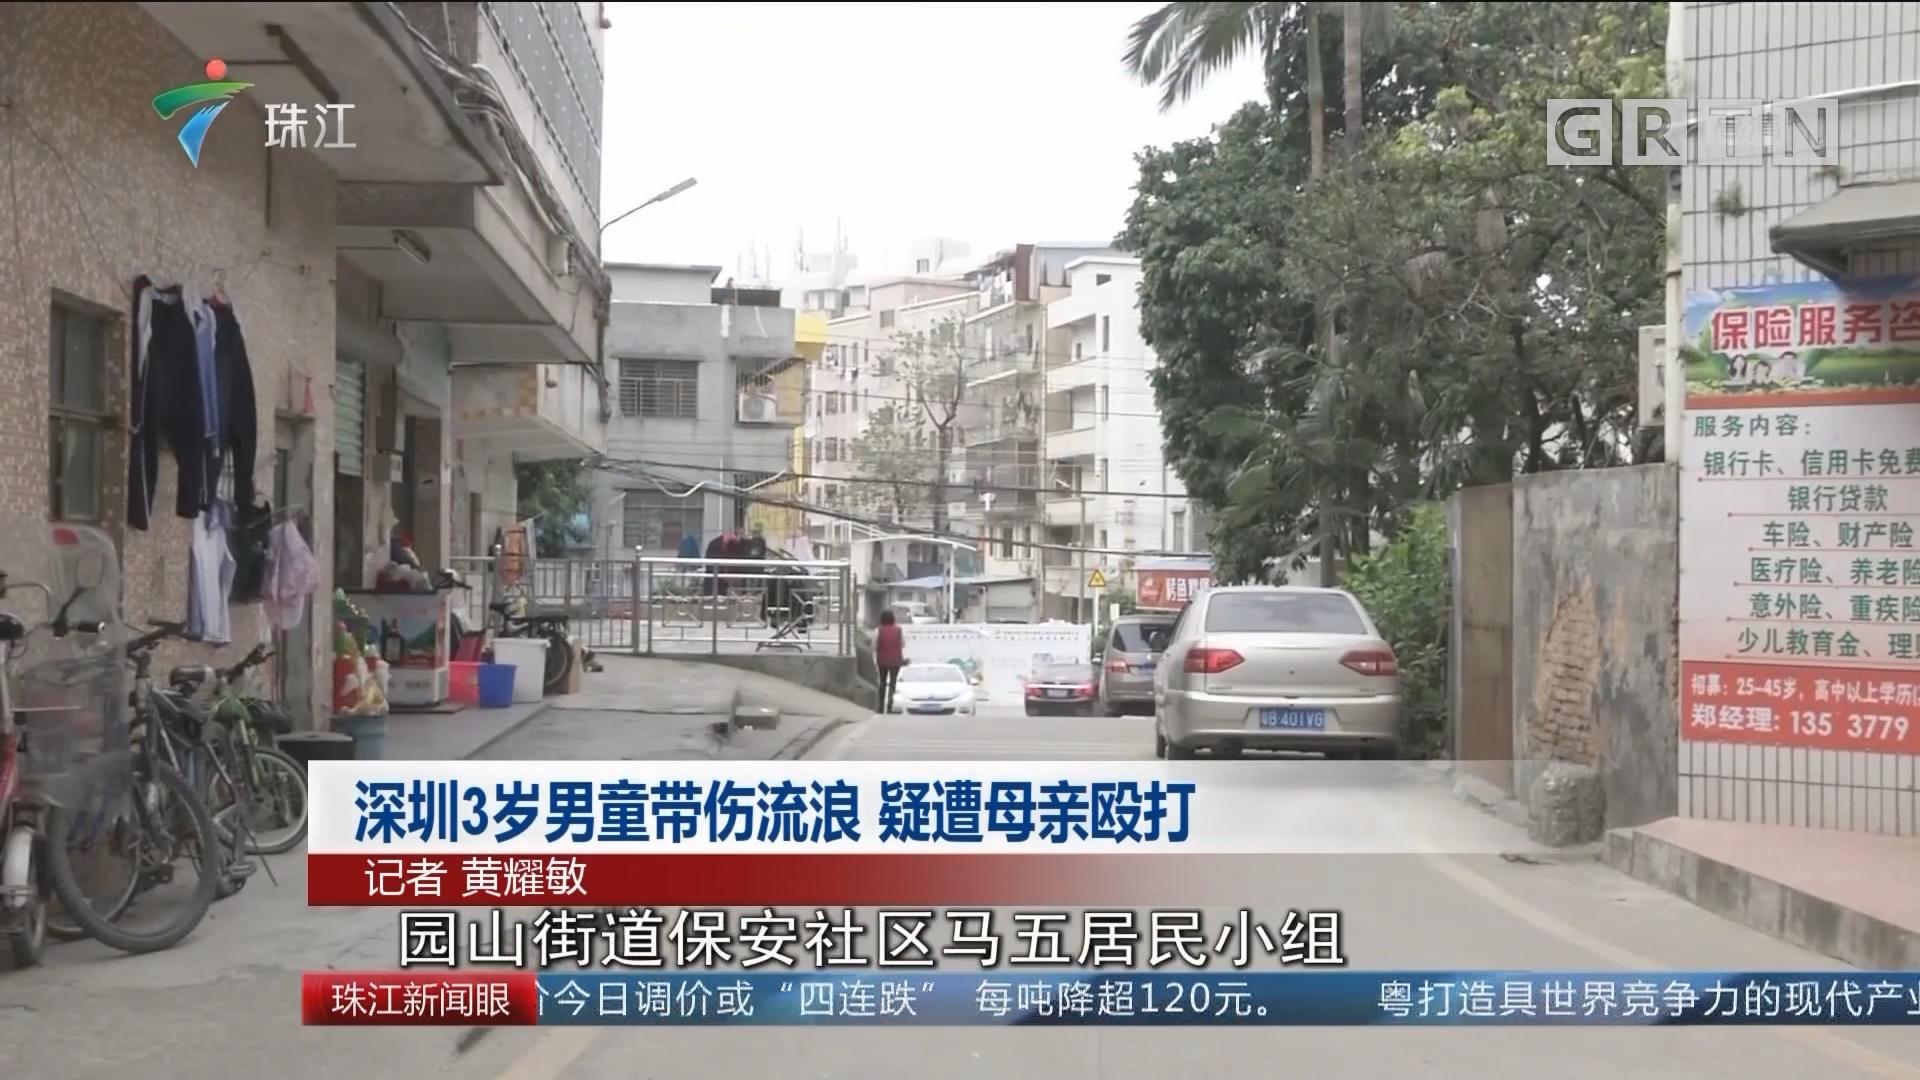 深圳3岁男童带伤流浪 疑遭母亲殴打